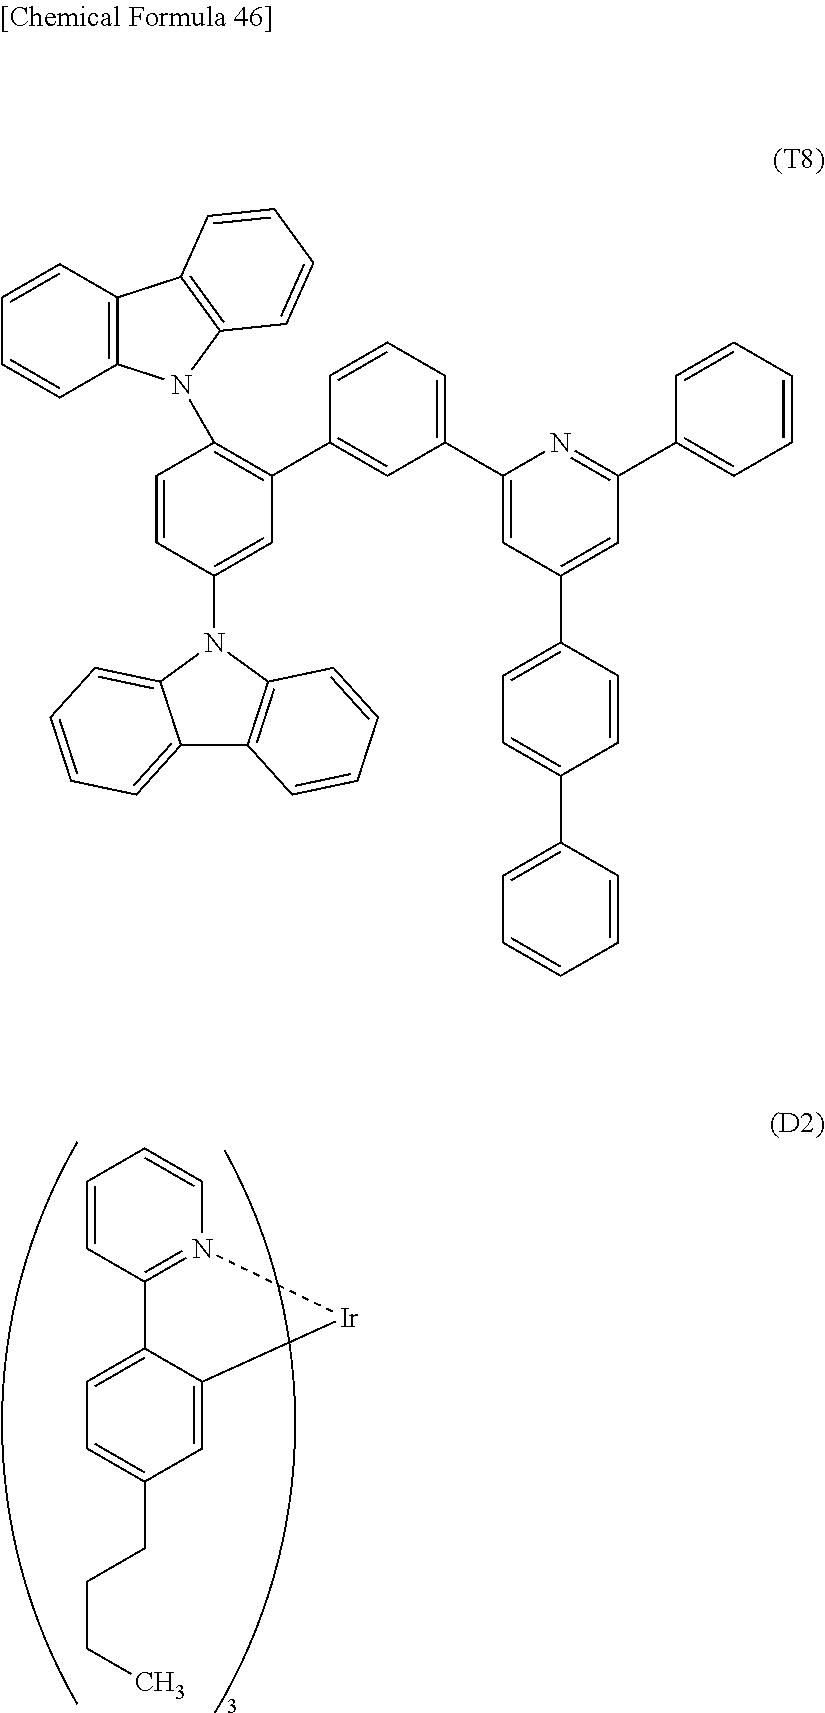 Figure US20110215312A1-20110908-C00087